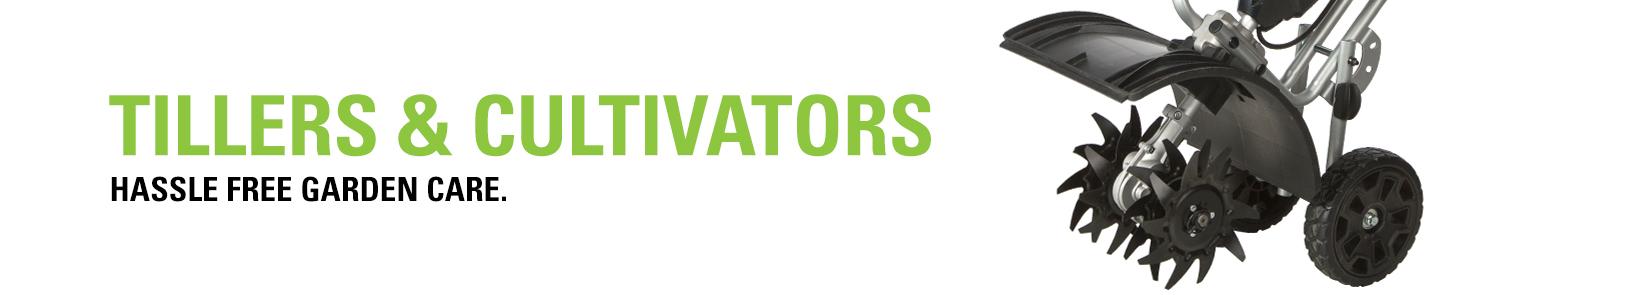 Tillers/Cultivators